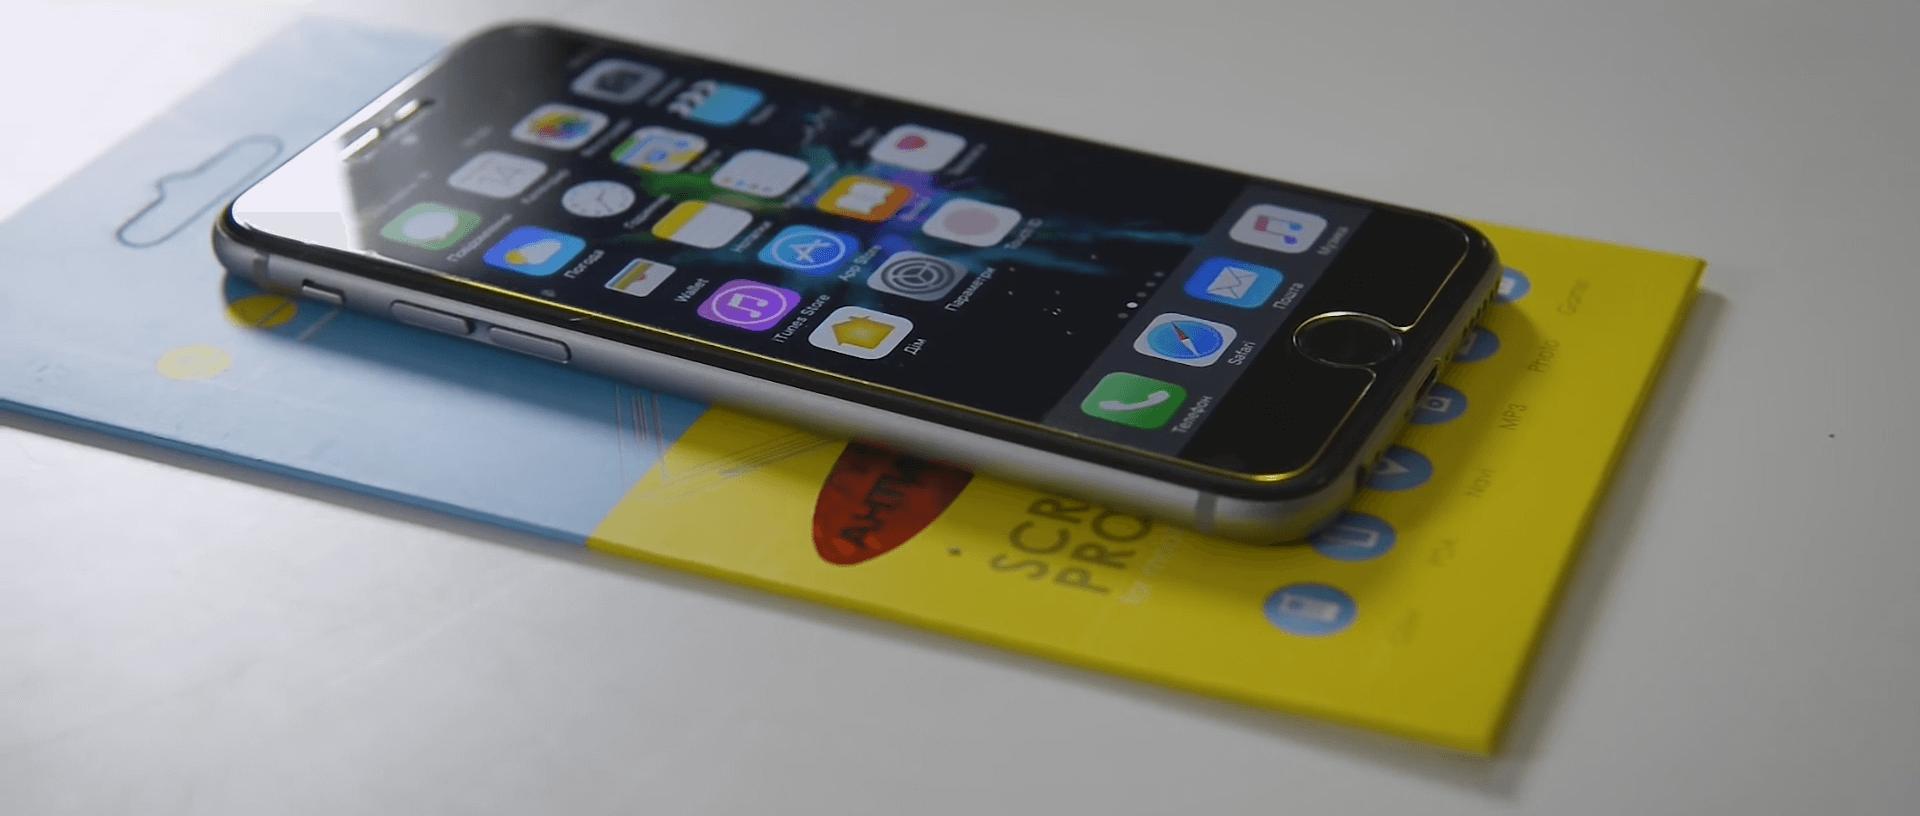 Защитное стекло на экран телефона